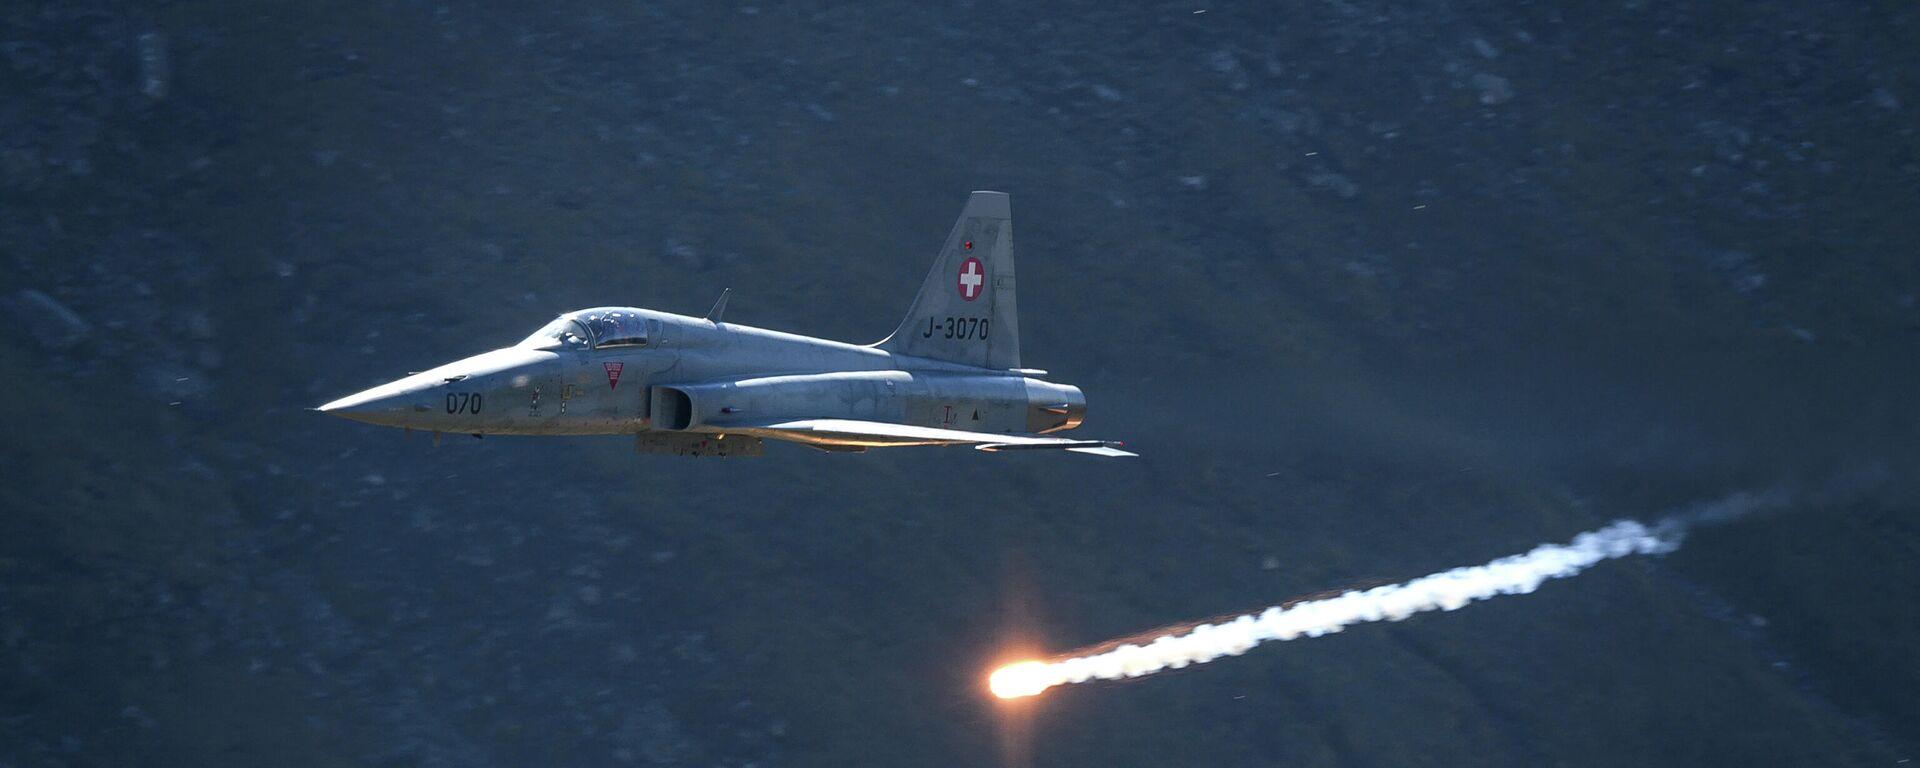 Μαχητικό αεροσκάφος F-5 Tiger - Sputnik Ελλάδα, 1920, 12.06.2021